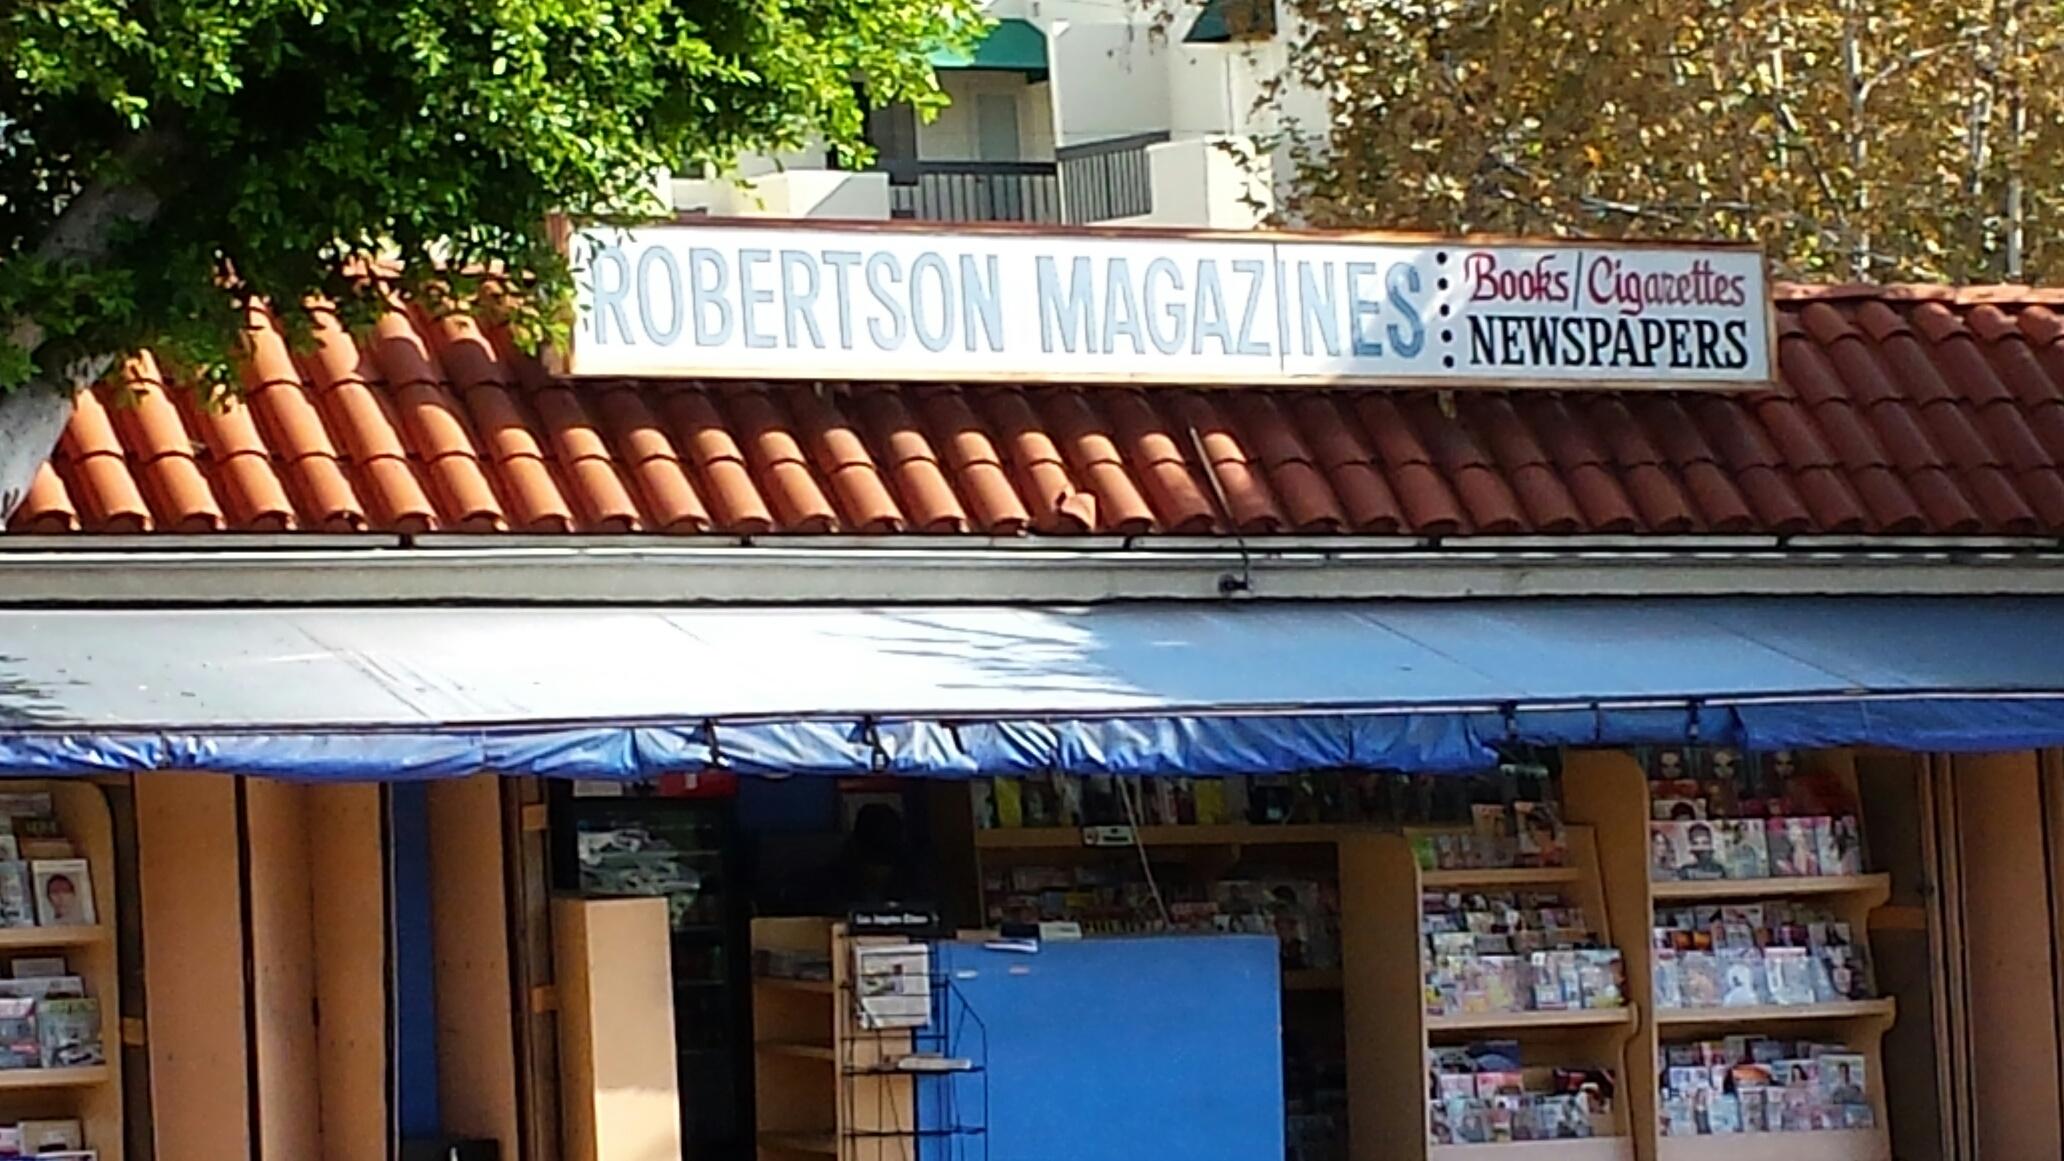 Our neighborhood newsstand